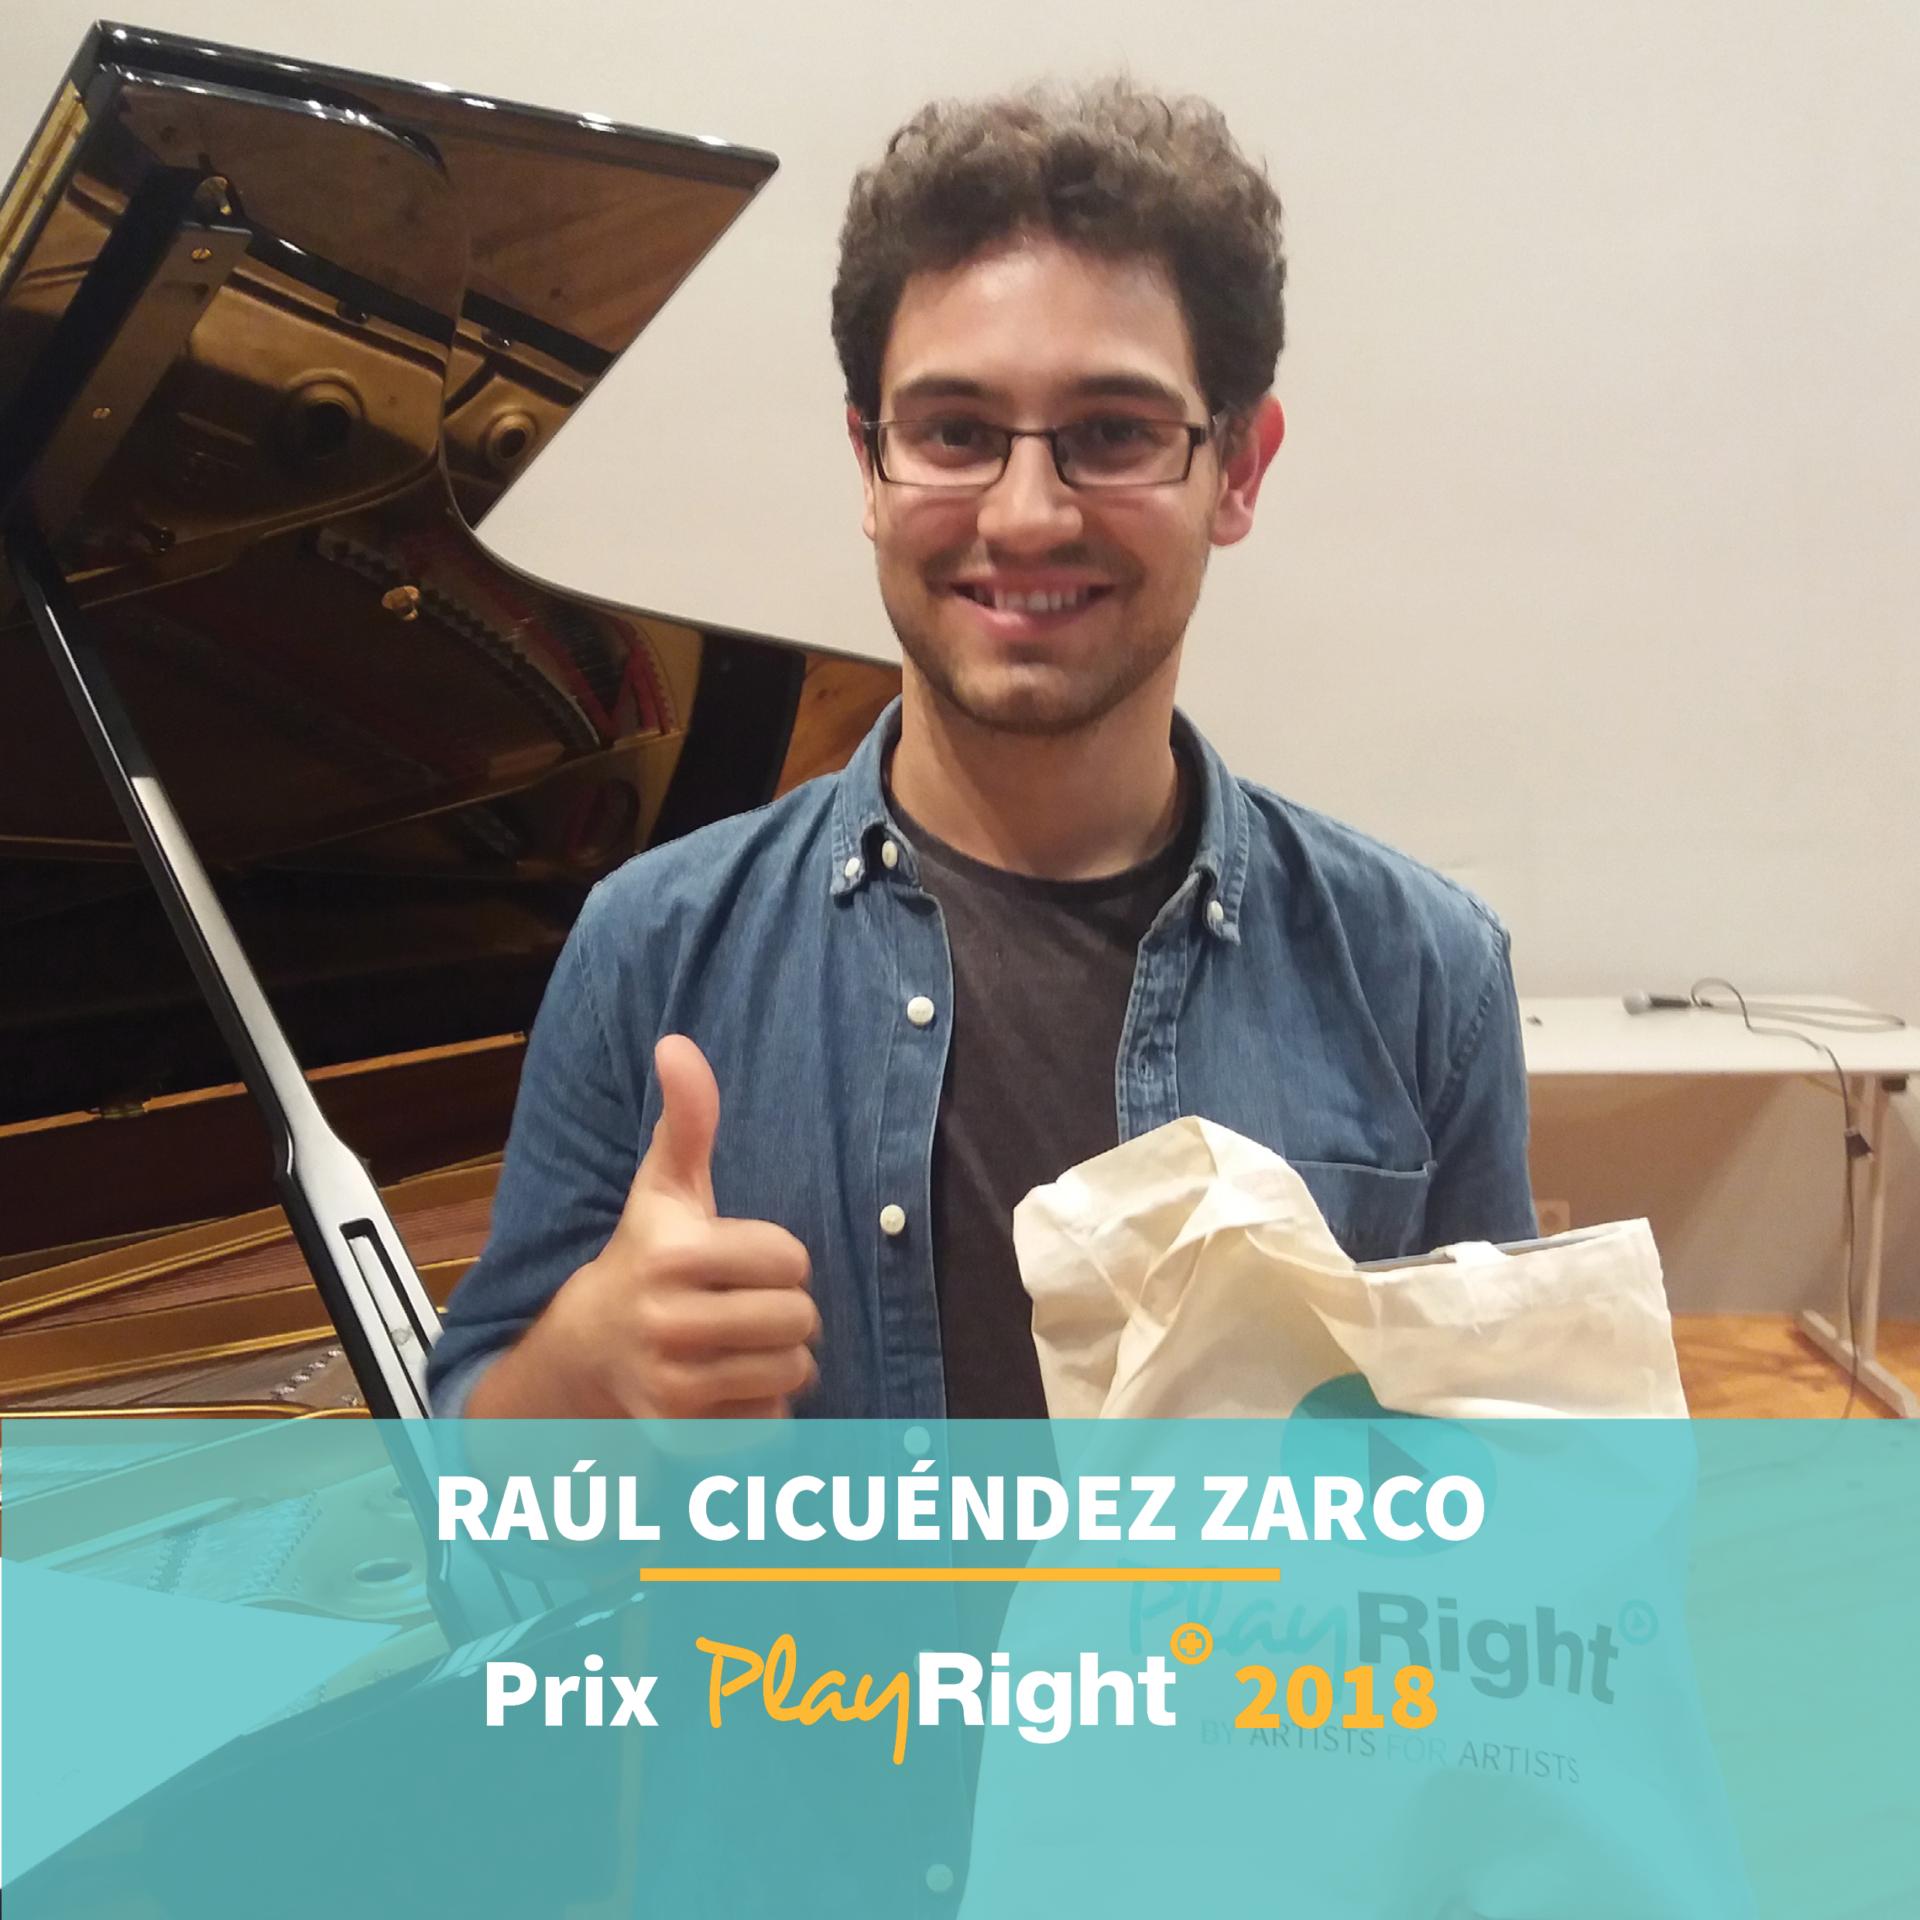 Raúl Cicuéndez Zarco